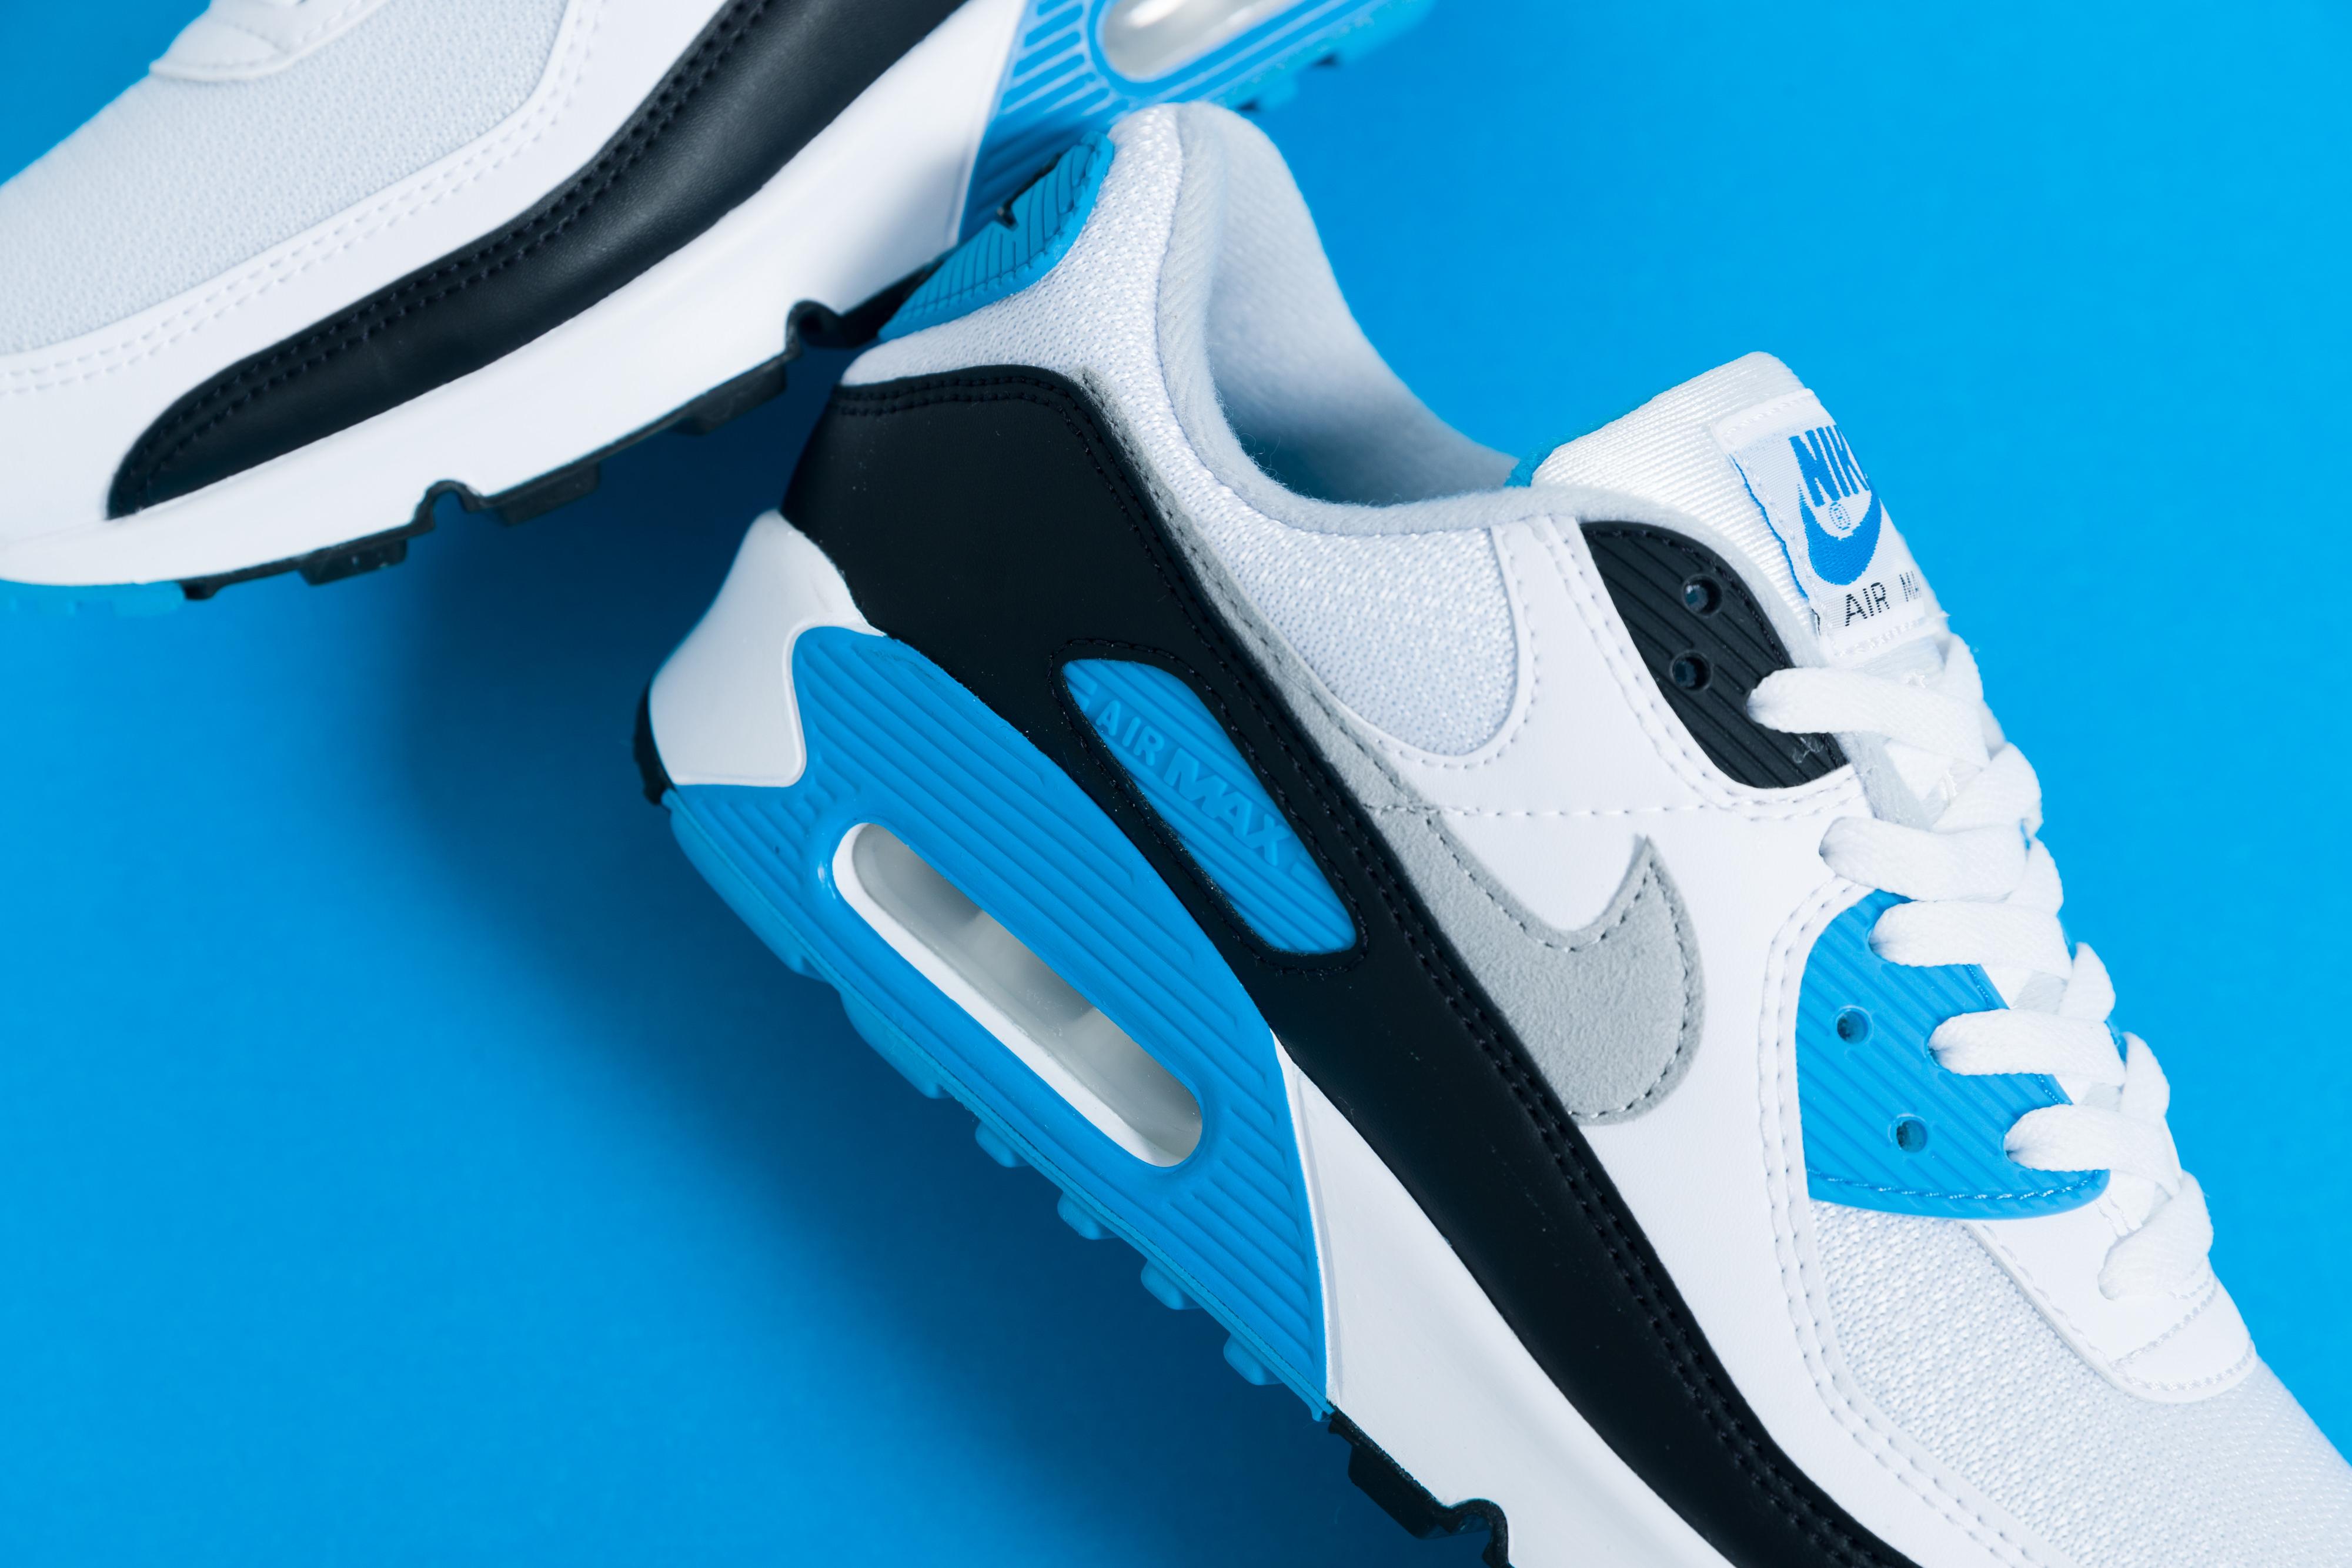 Nike Air Max III (Air Max 90) 'Laser Blue'